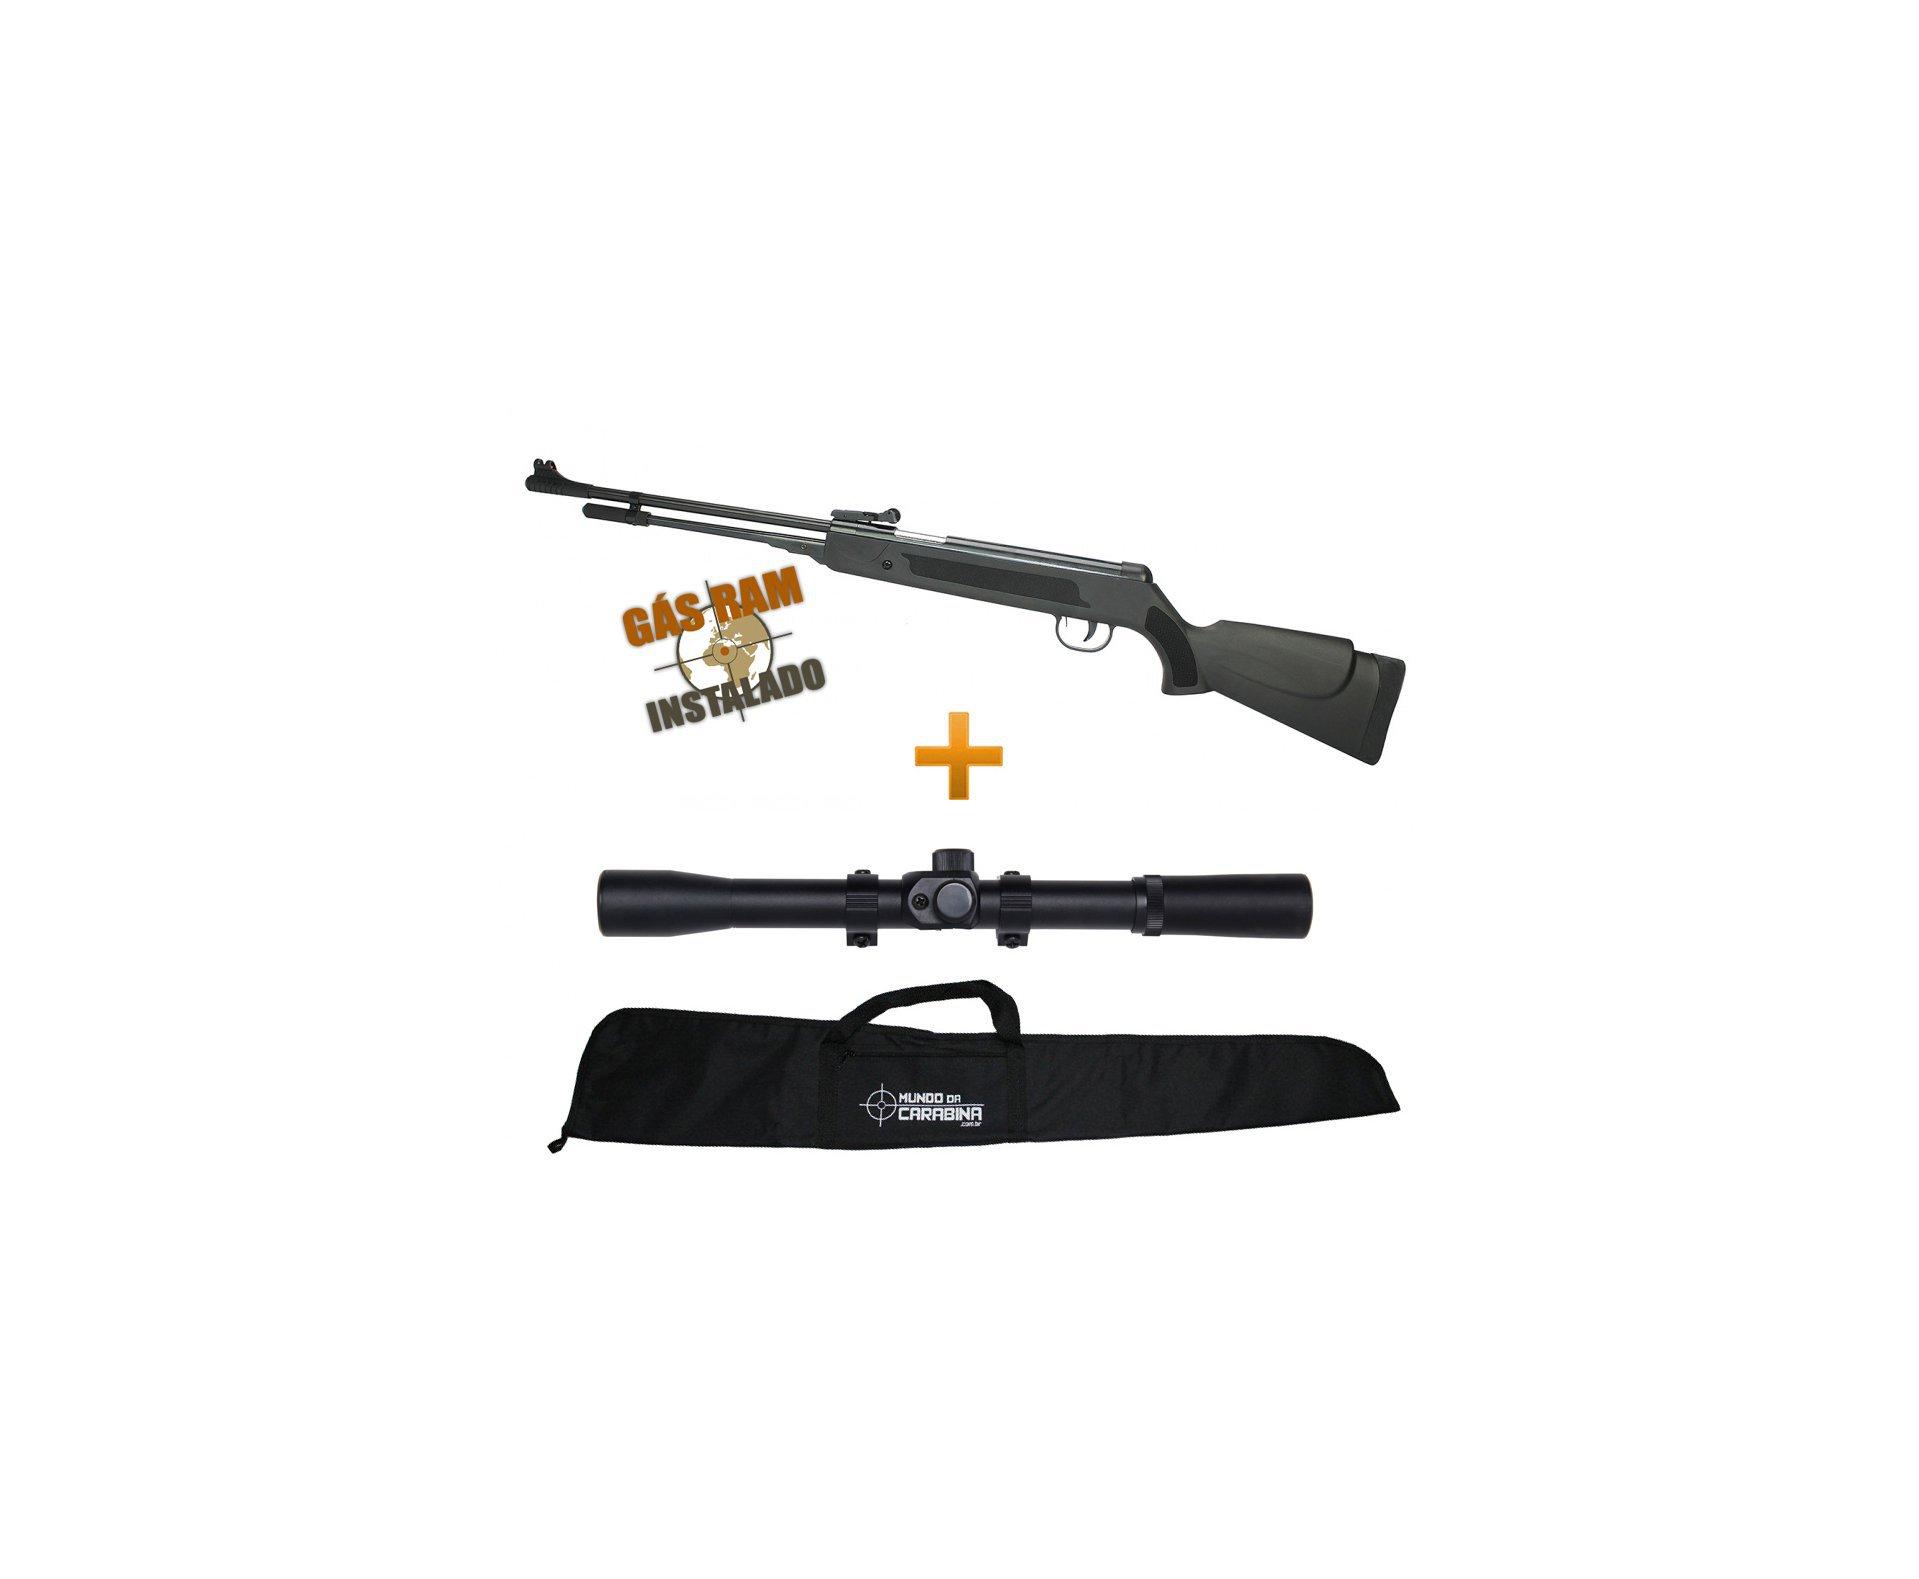 Carabina De Pressão Power Spring Black Cal 5.5mm Fixxar Gás Ram 50kg Instalado + Luneta 4x20 + Capa